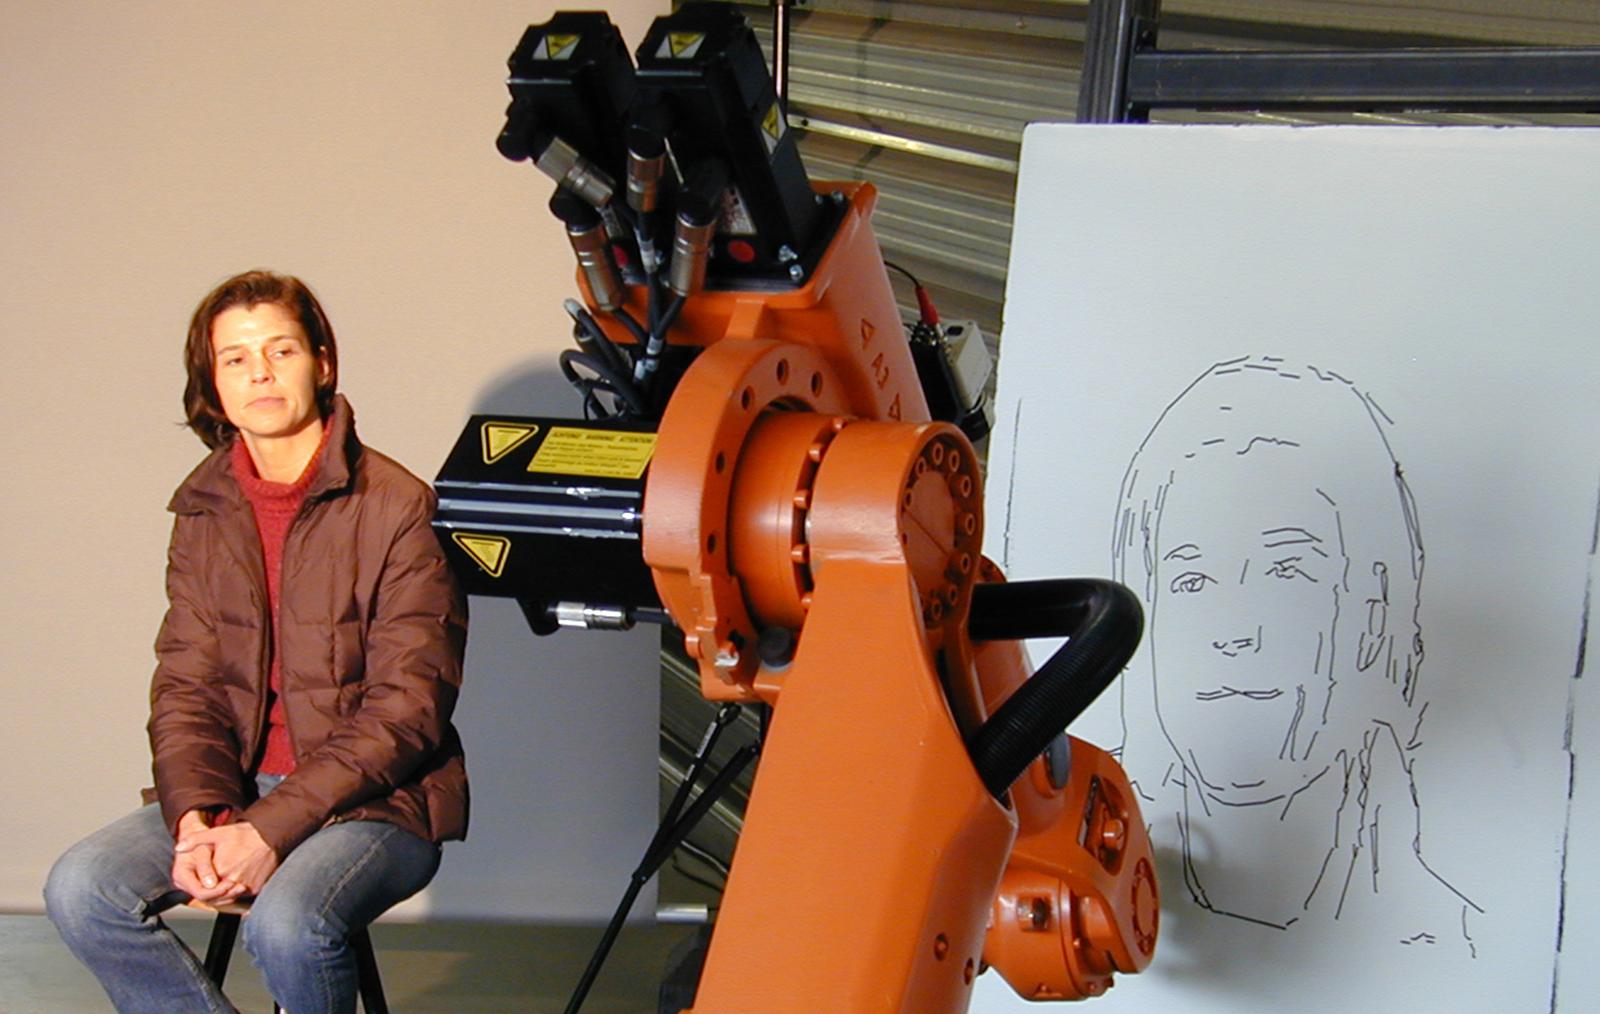 Robotul care deseneaza portrete, prezentat la CeBIT